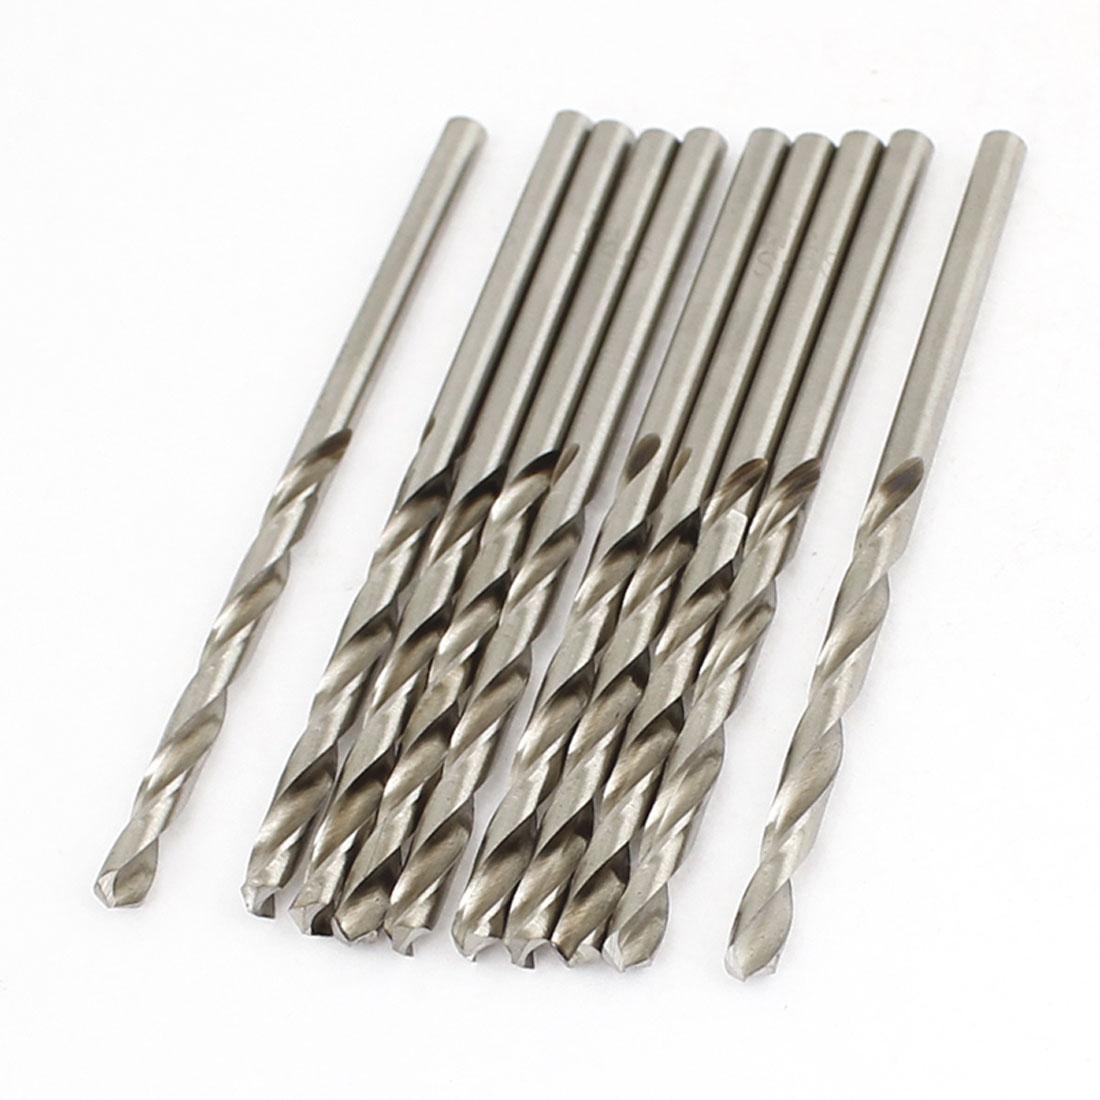 3.1mm Dia Split Point 64mm Long High Speed Steel Twist Drilling Bits 10 Pcs